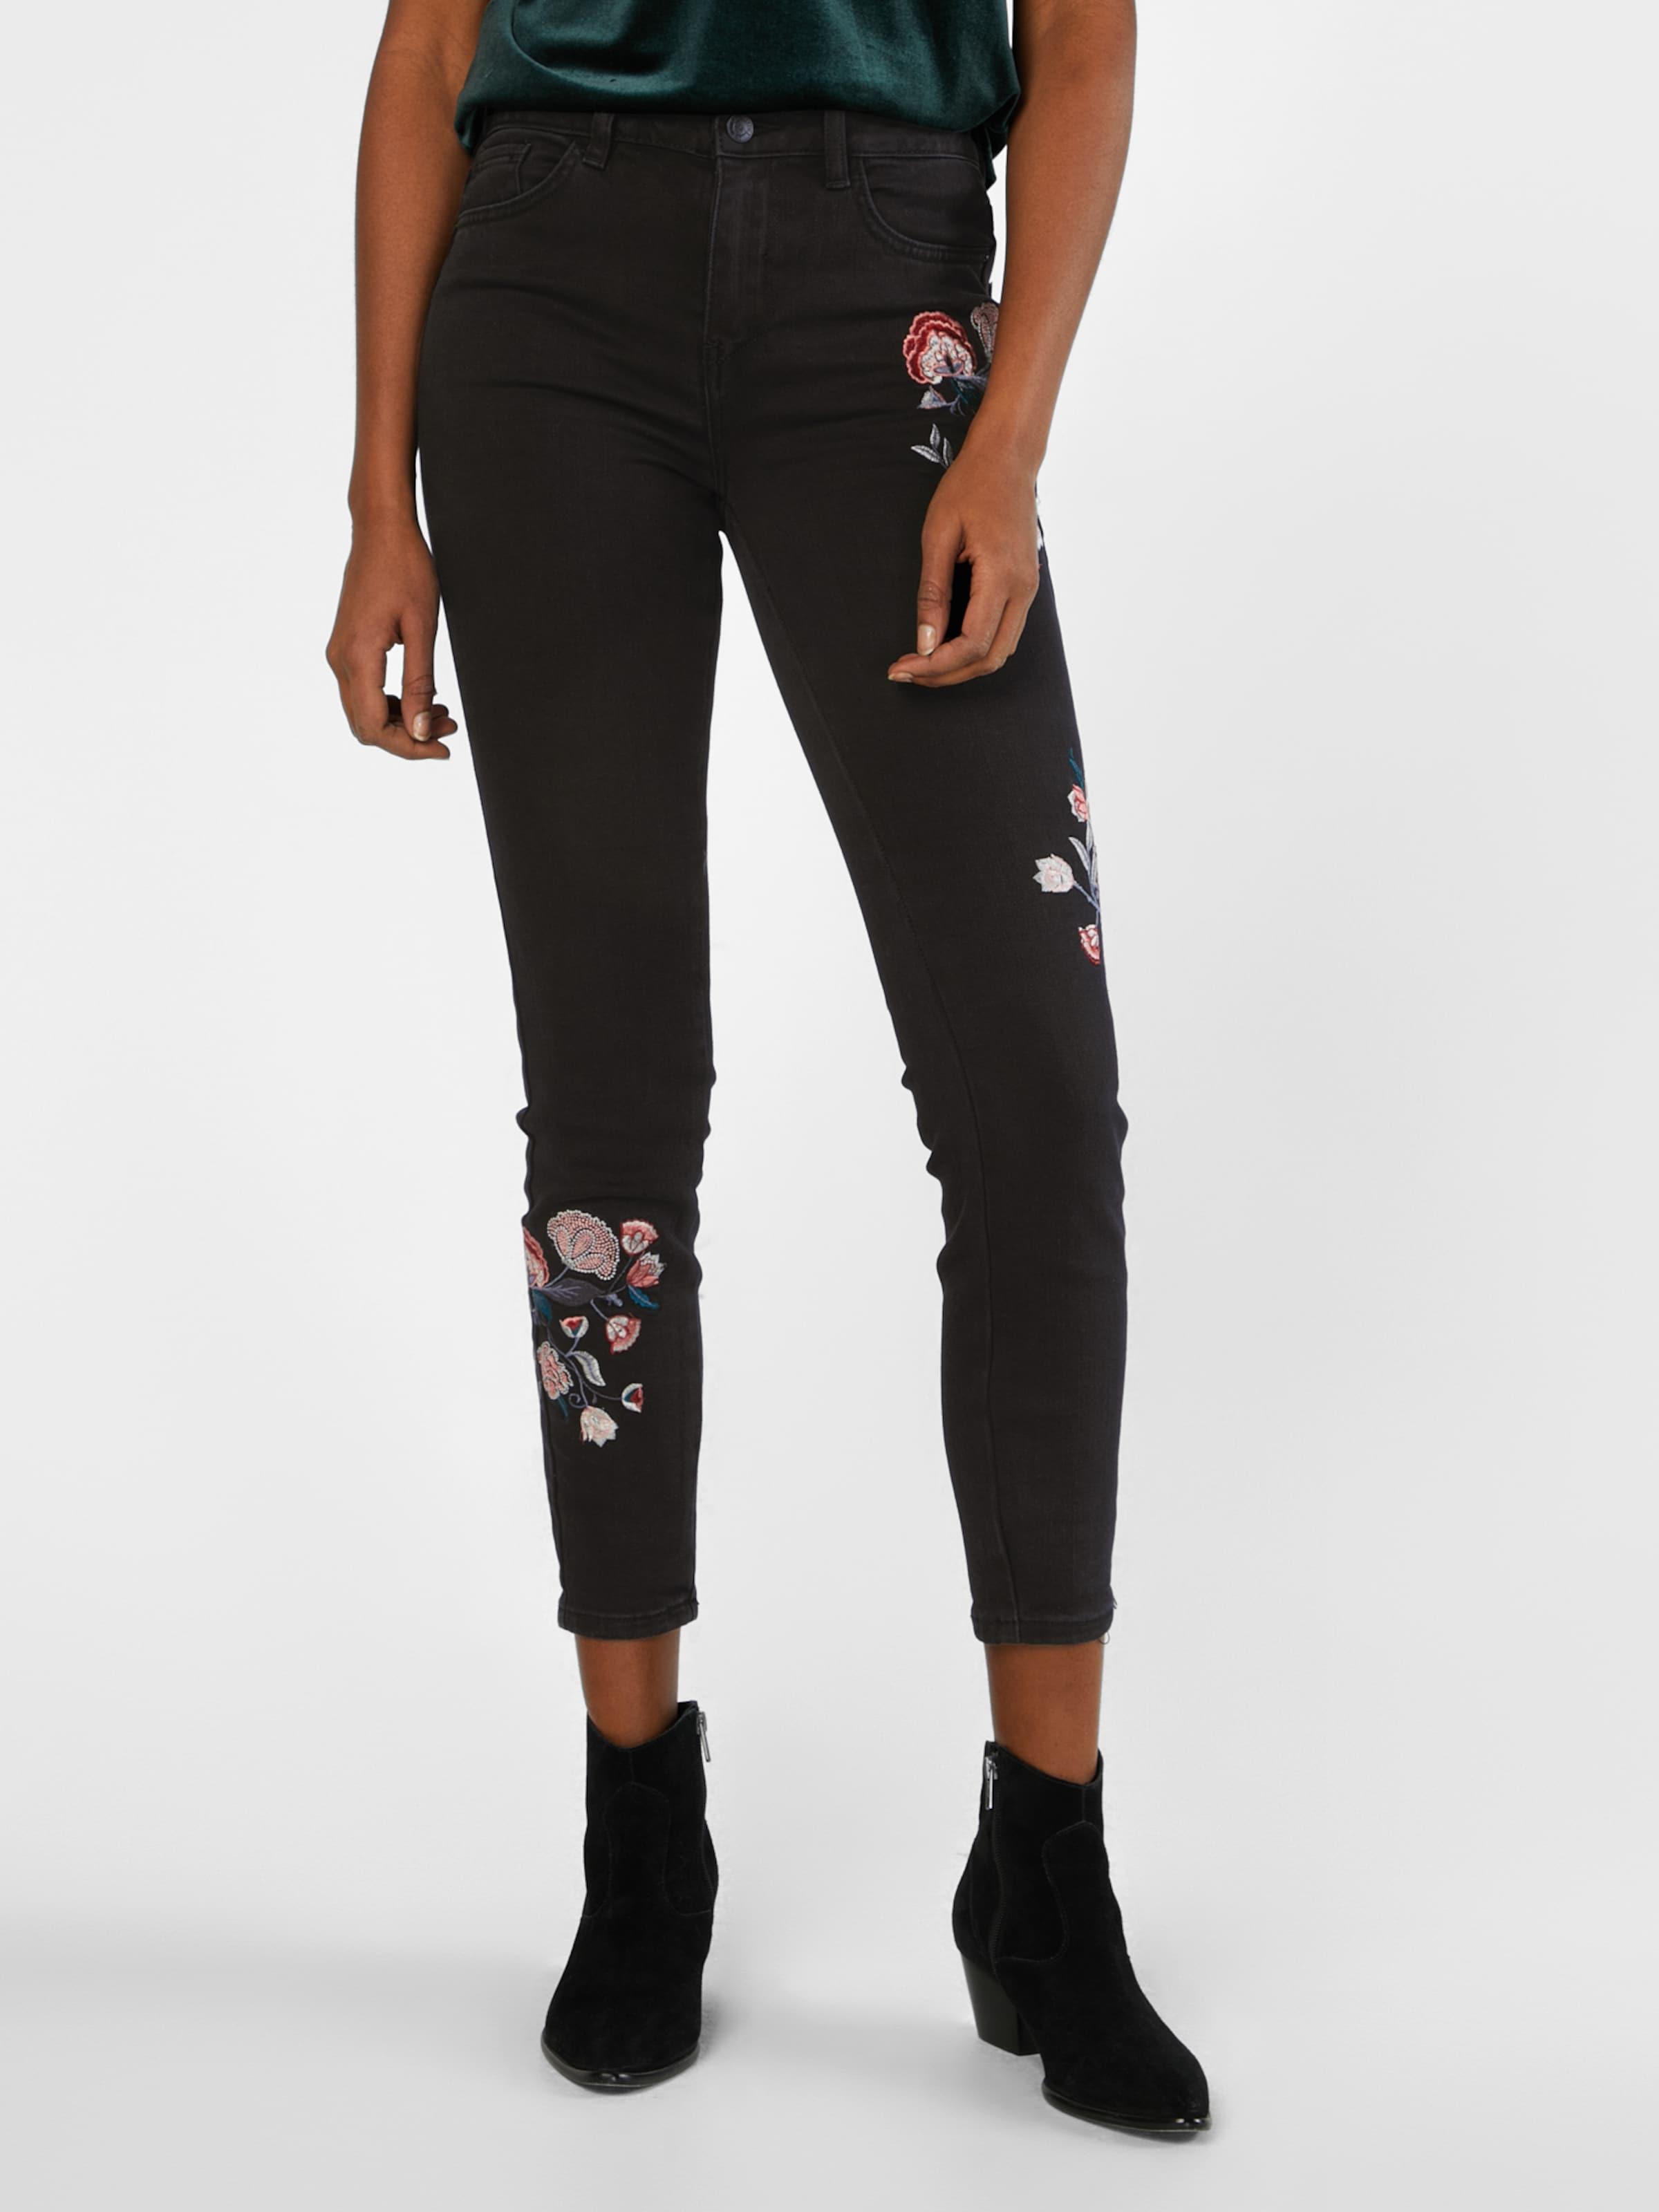 Fray' 'skny In Schwarz New Jeans Look J15cTluFK3